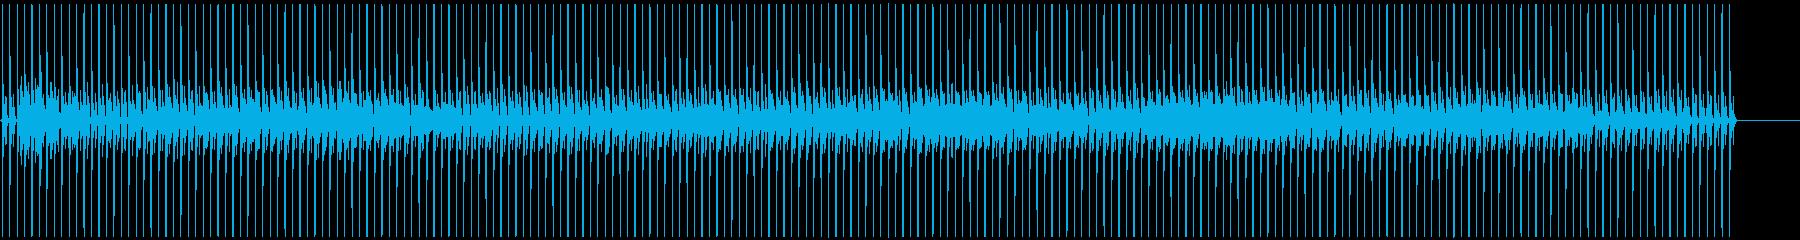 フィルタリング。マッドアンドクレイ...の再生済みの波形